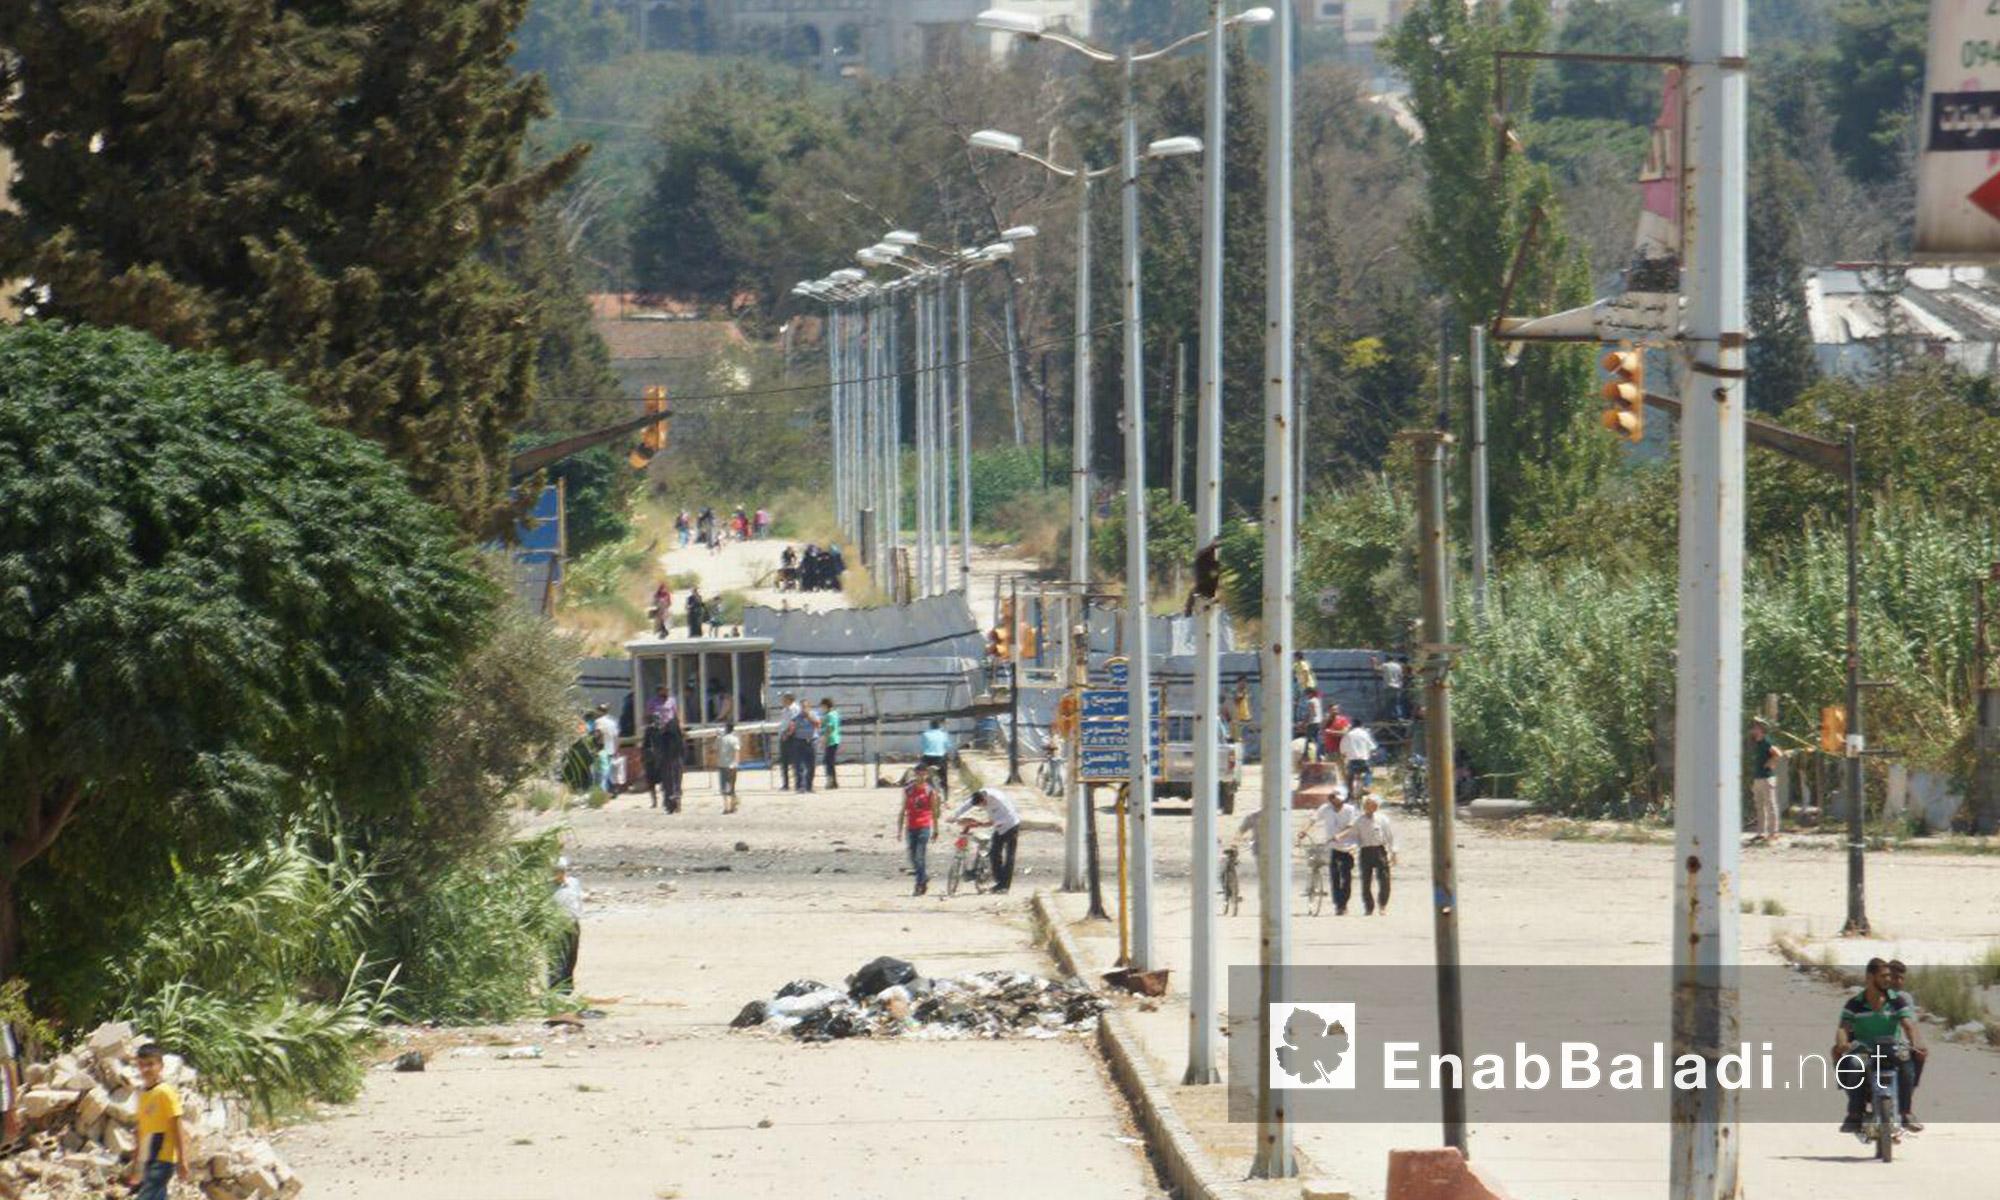 """معبر """"دوار المهندسين"""" في حي الوعر بحمص - الثلاثاء 6 أيلول (عنب بلدي)"""